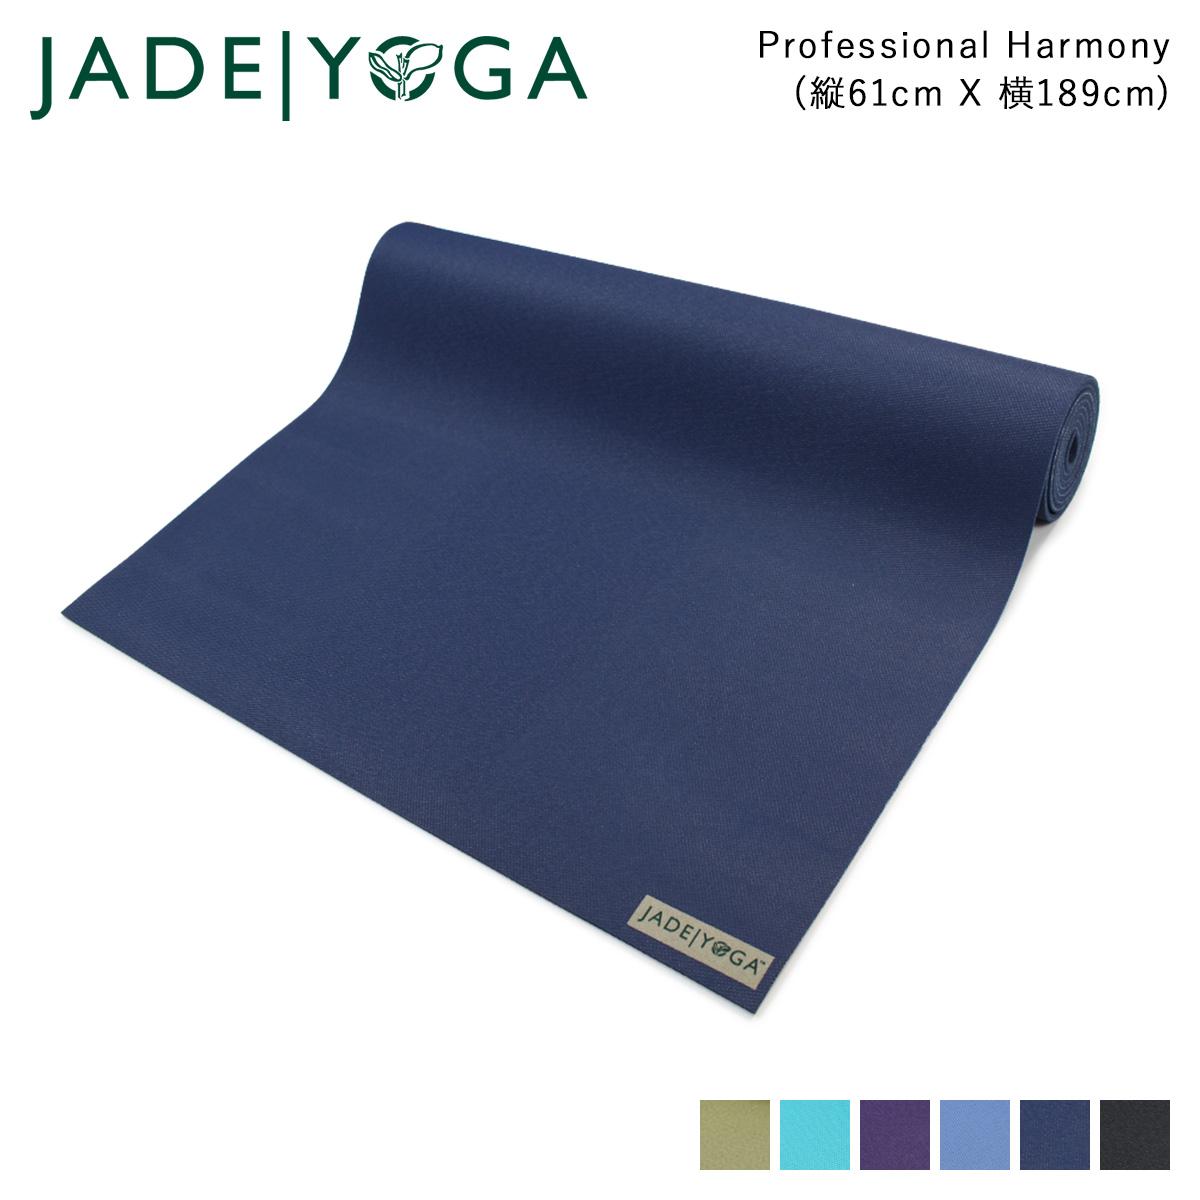 【ギフト】 JADE YOGA HARMONY PROFESSIONAL ジェイド ヨガ マット マット ハーモニー 189cm メンズ 61cm 61cm ヨガマット ピラティス エクササイズ プロフェッショナル メンズ レディース, possible:0d1d1b24 --- teknoloji.creagroup.com.tr